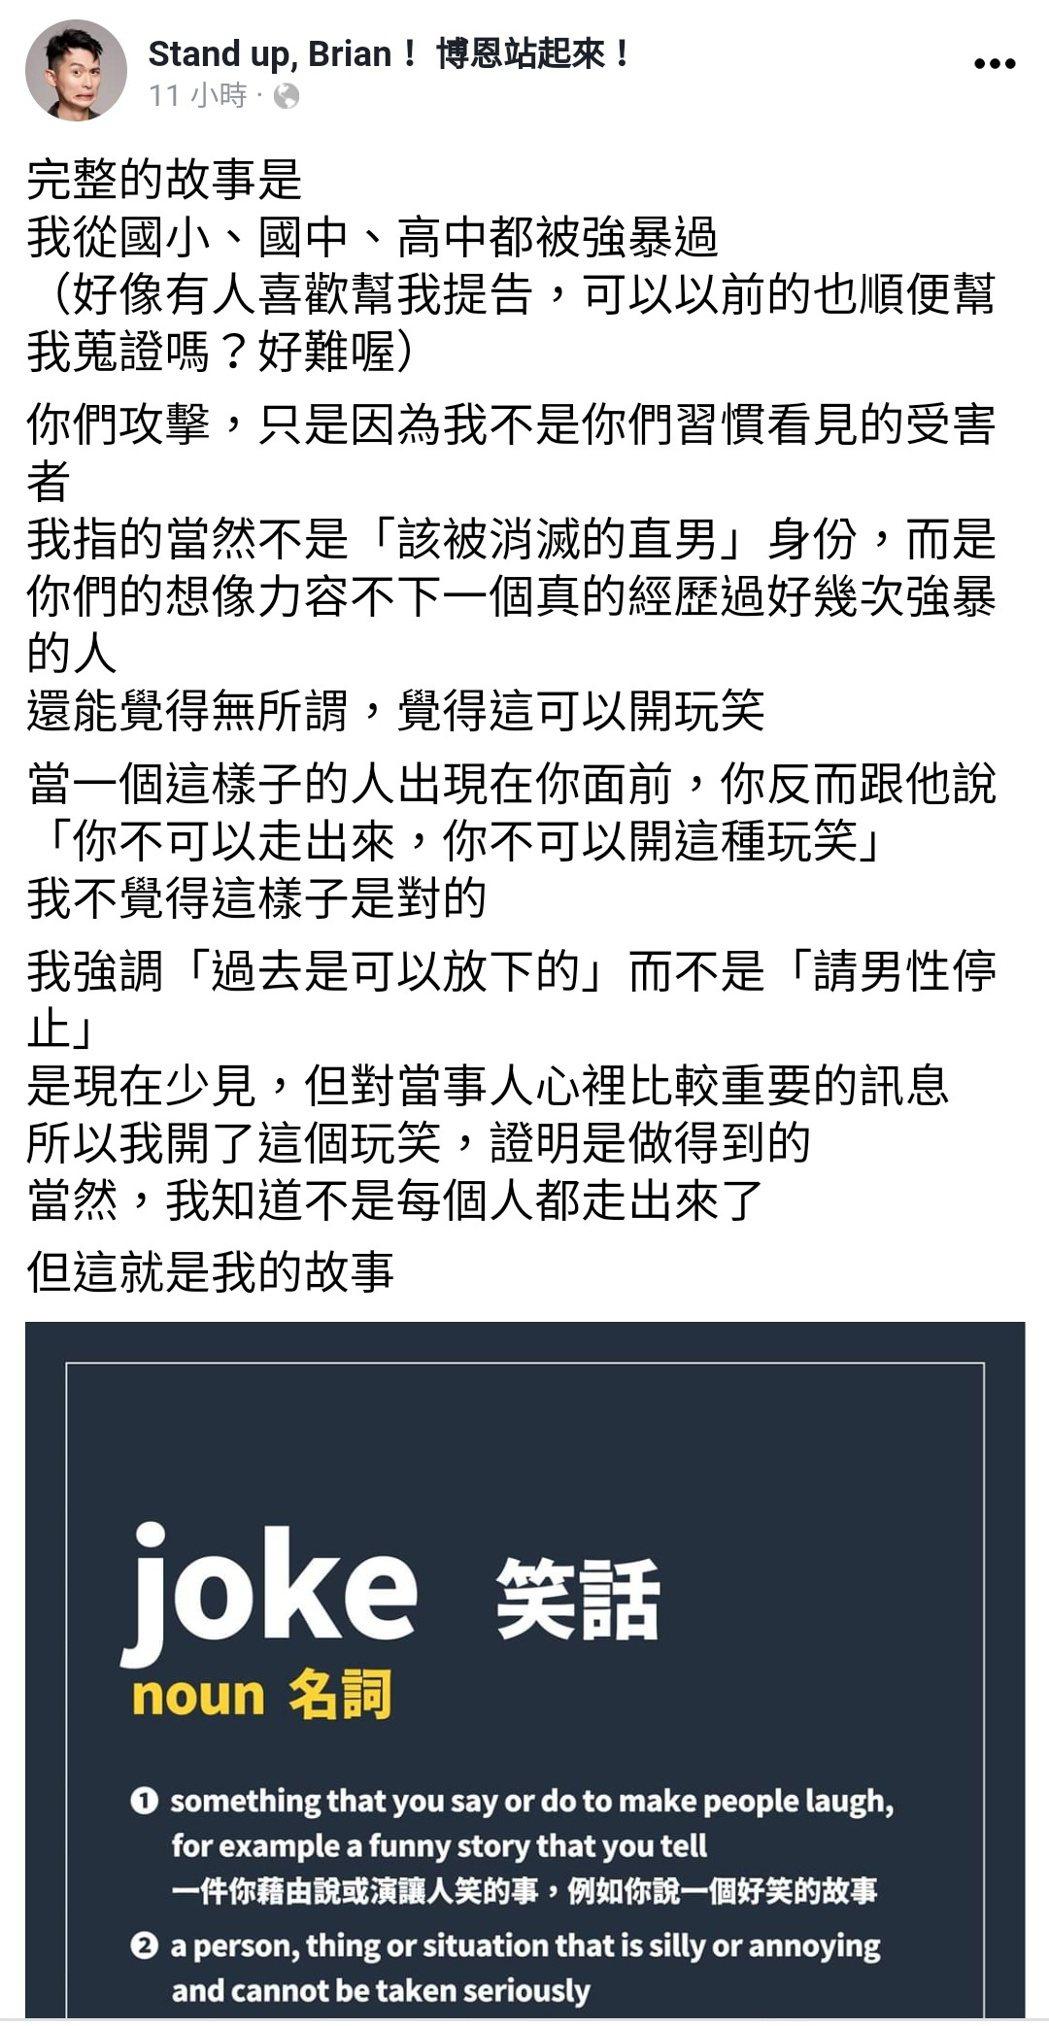 博恩在臉書發文回應網友。 圖/擷自博恩臉書